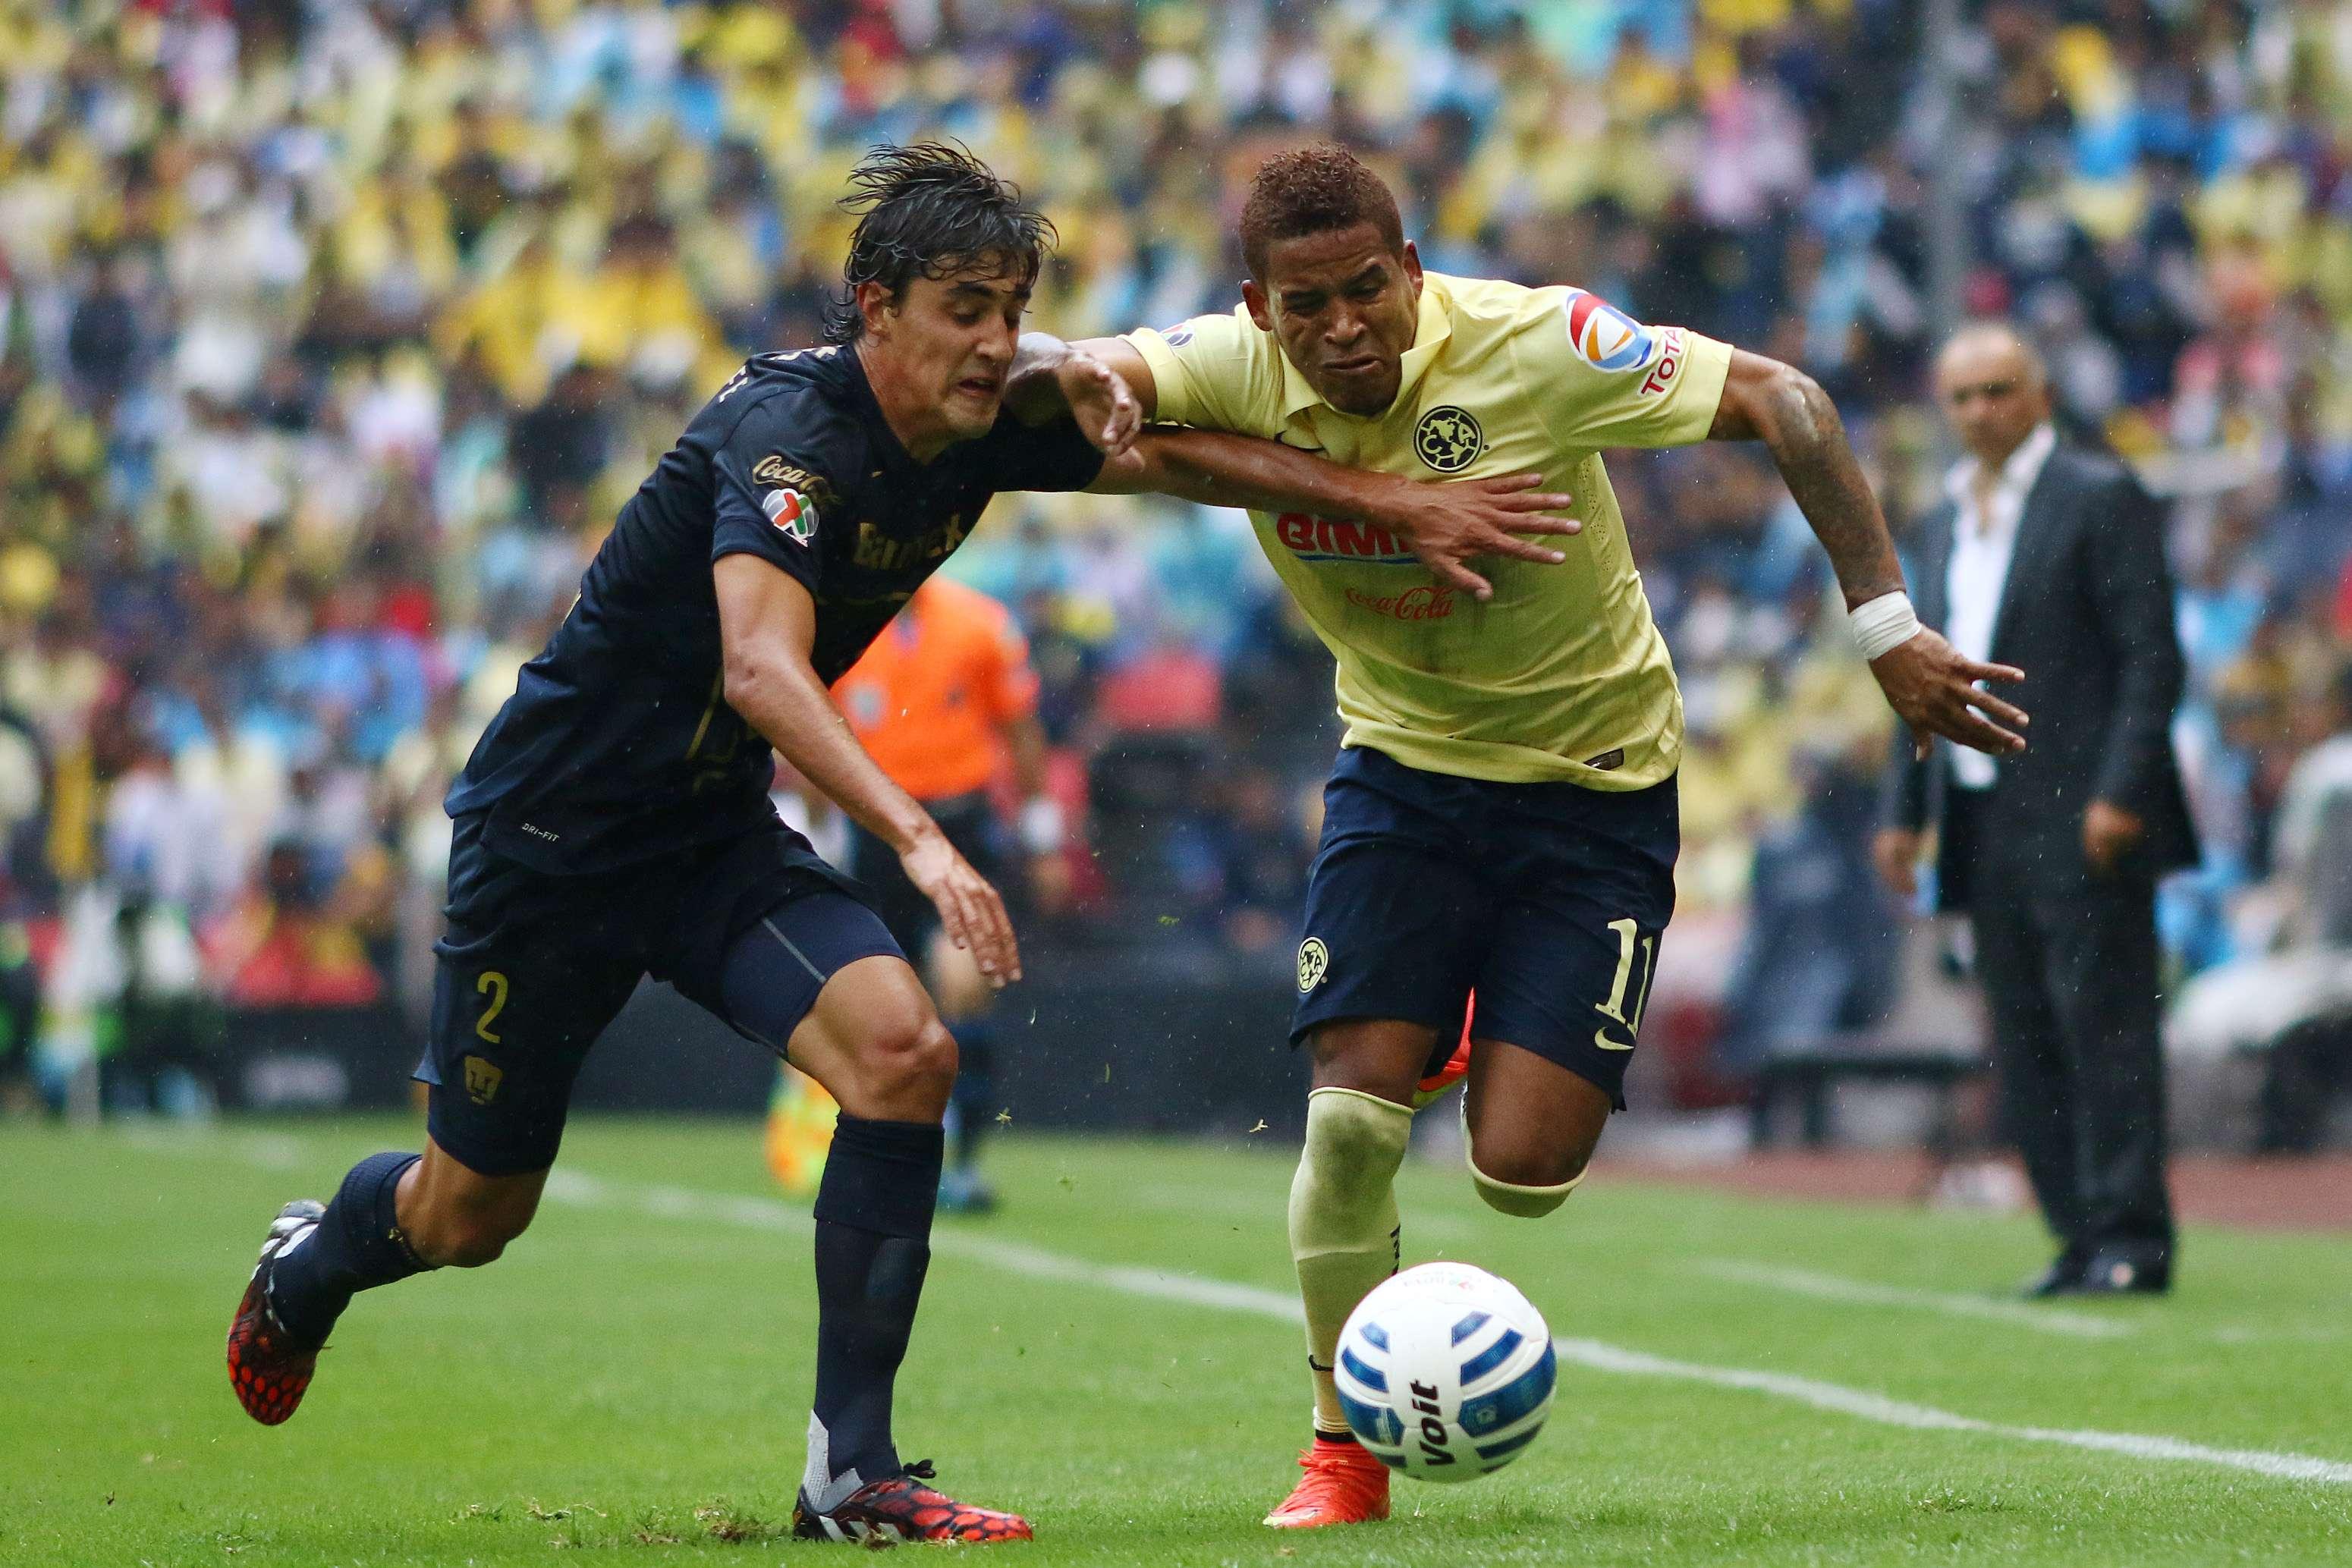 Pumas vs. América Foto: Imago7